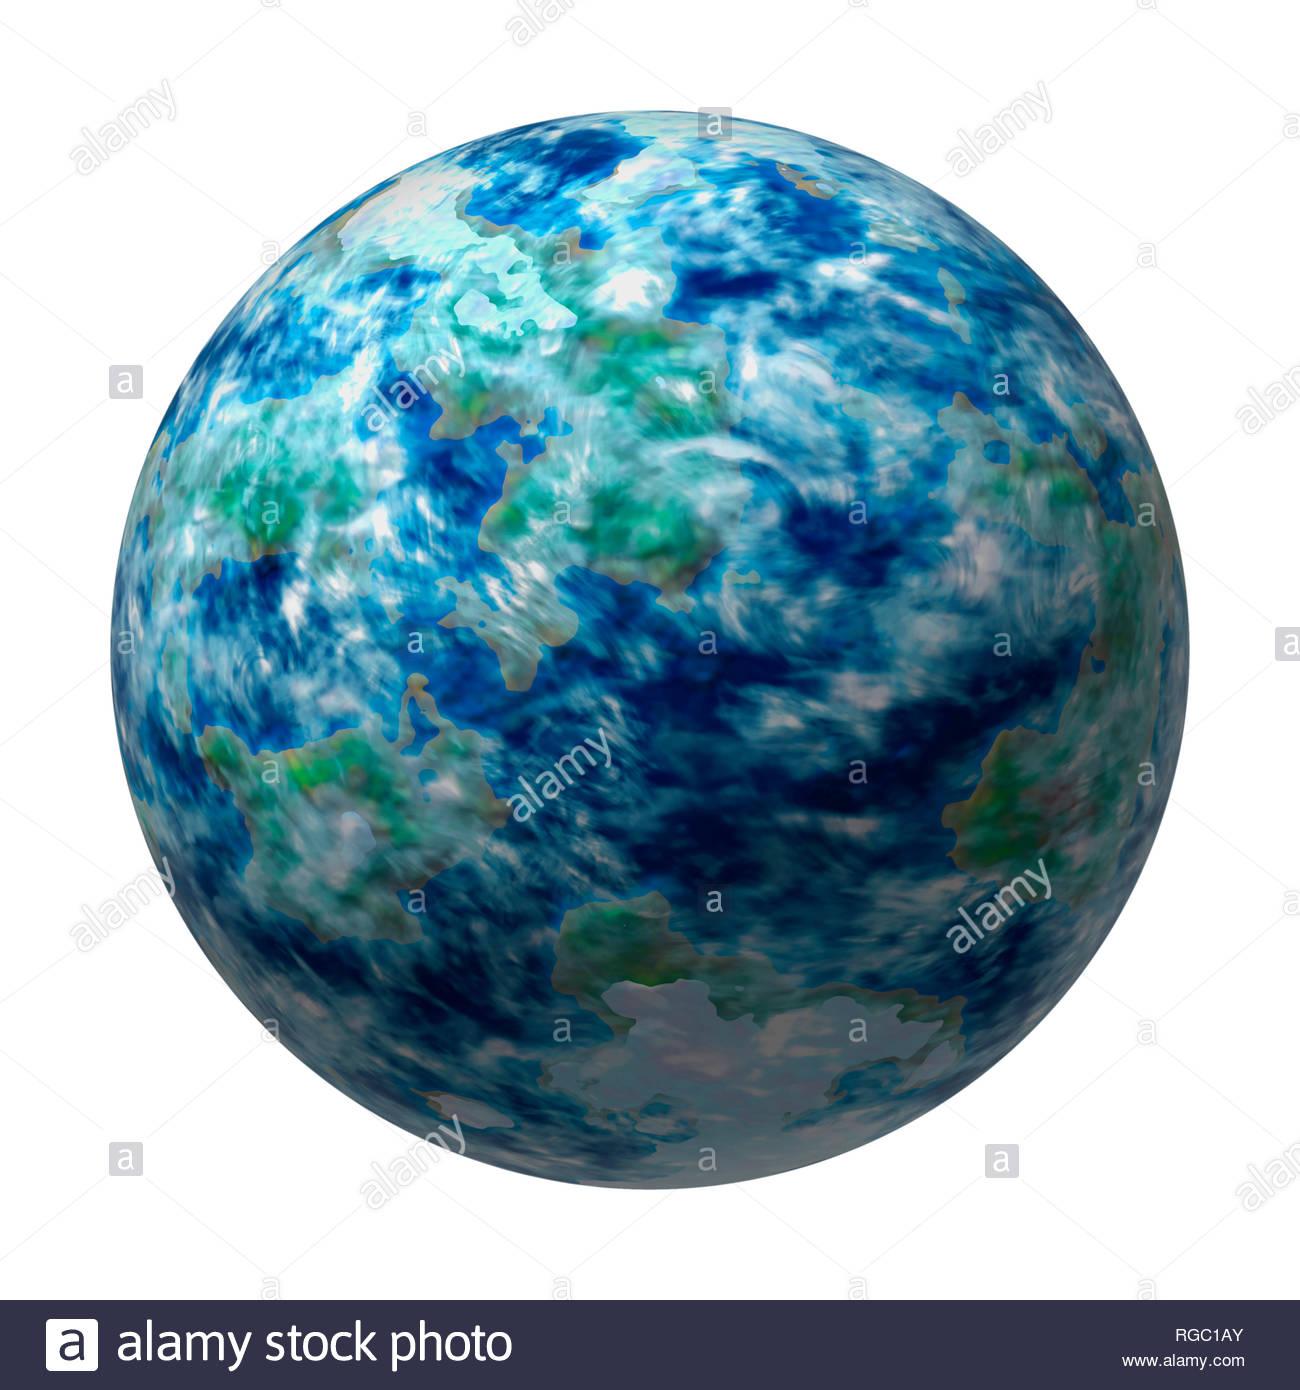 La Terre comme planète terrestre générique avec l'atmosphère, mais pas la terre Photo Stock